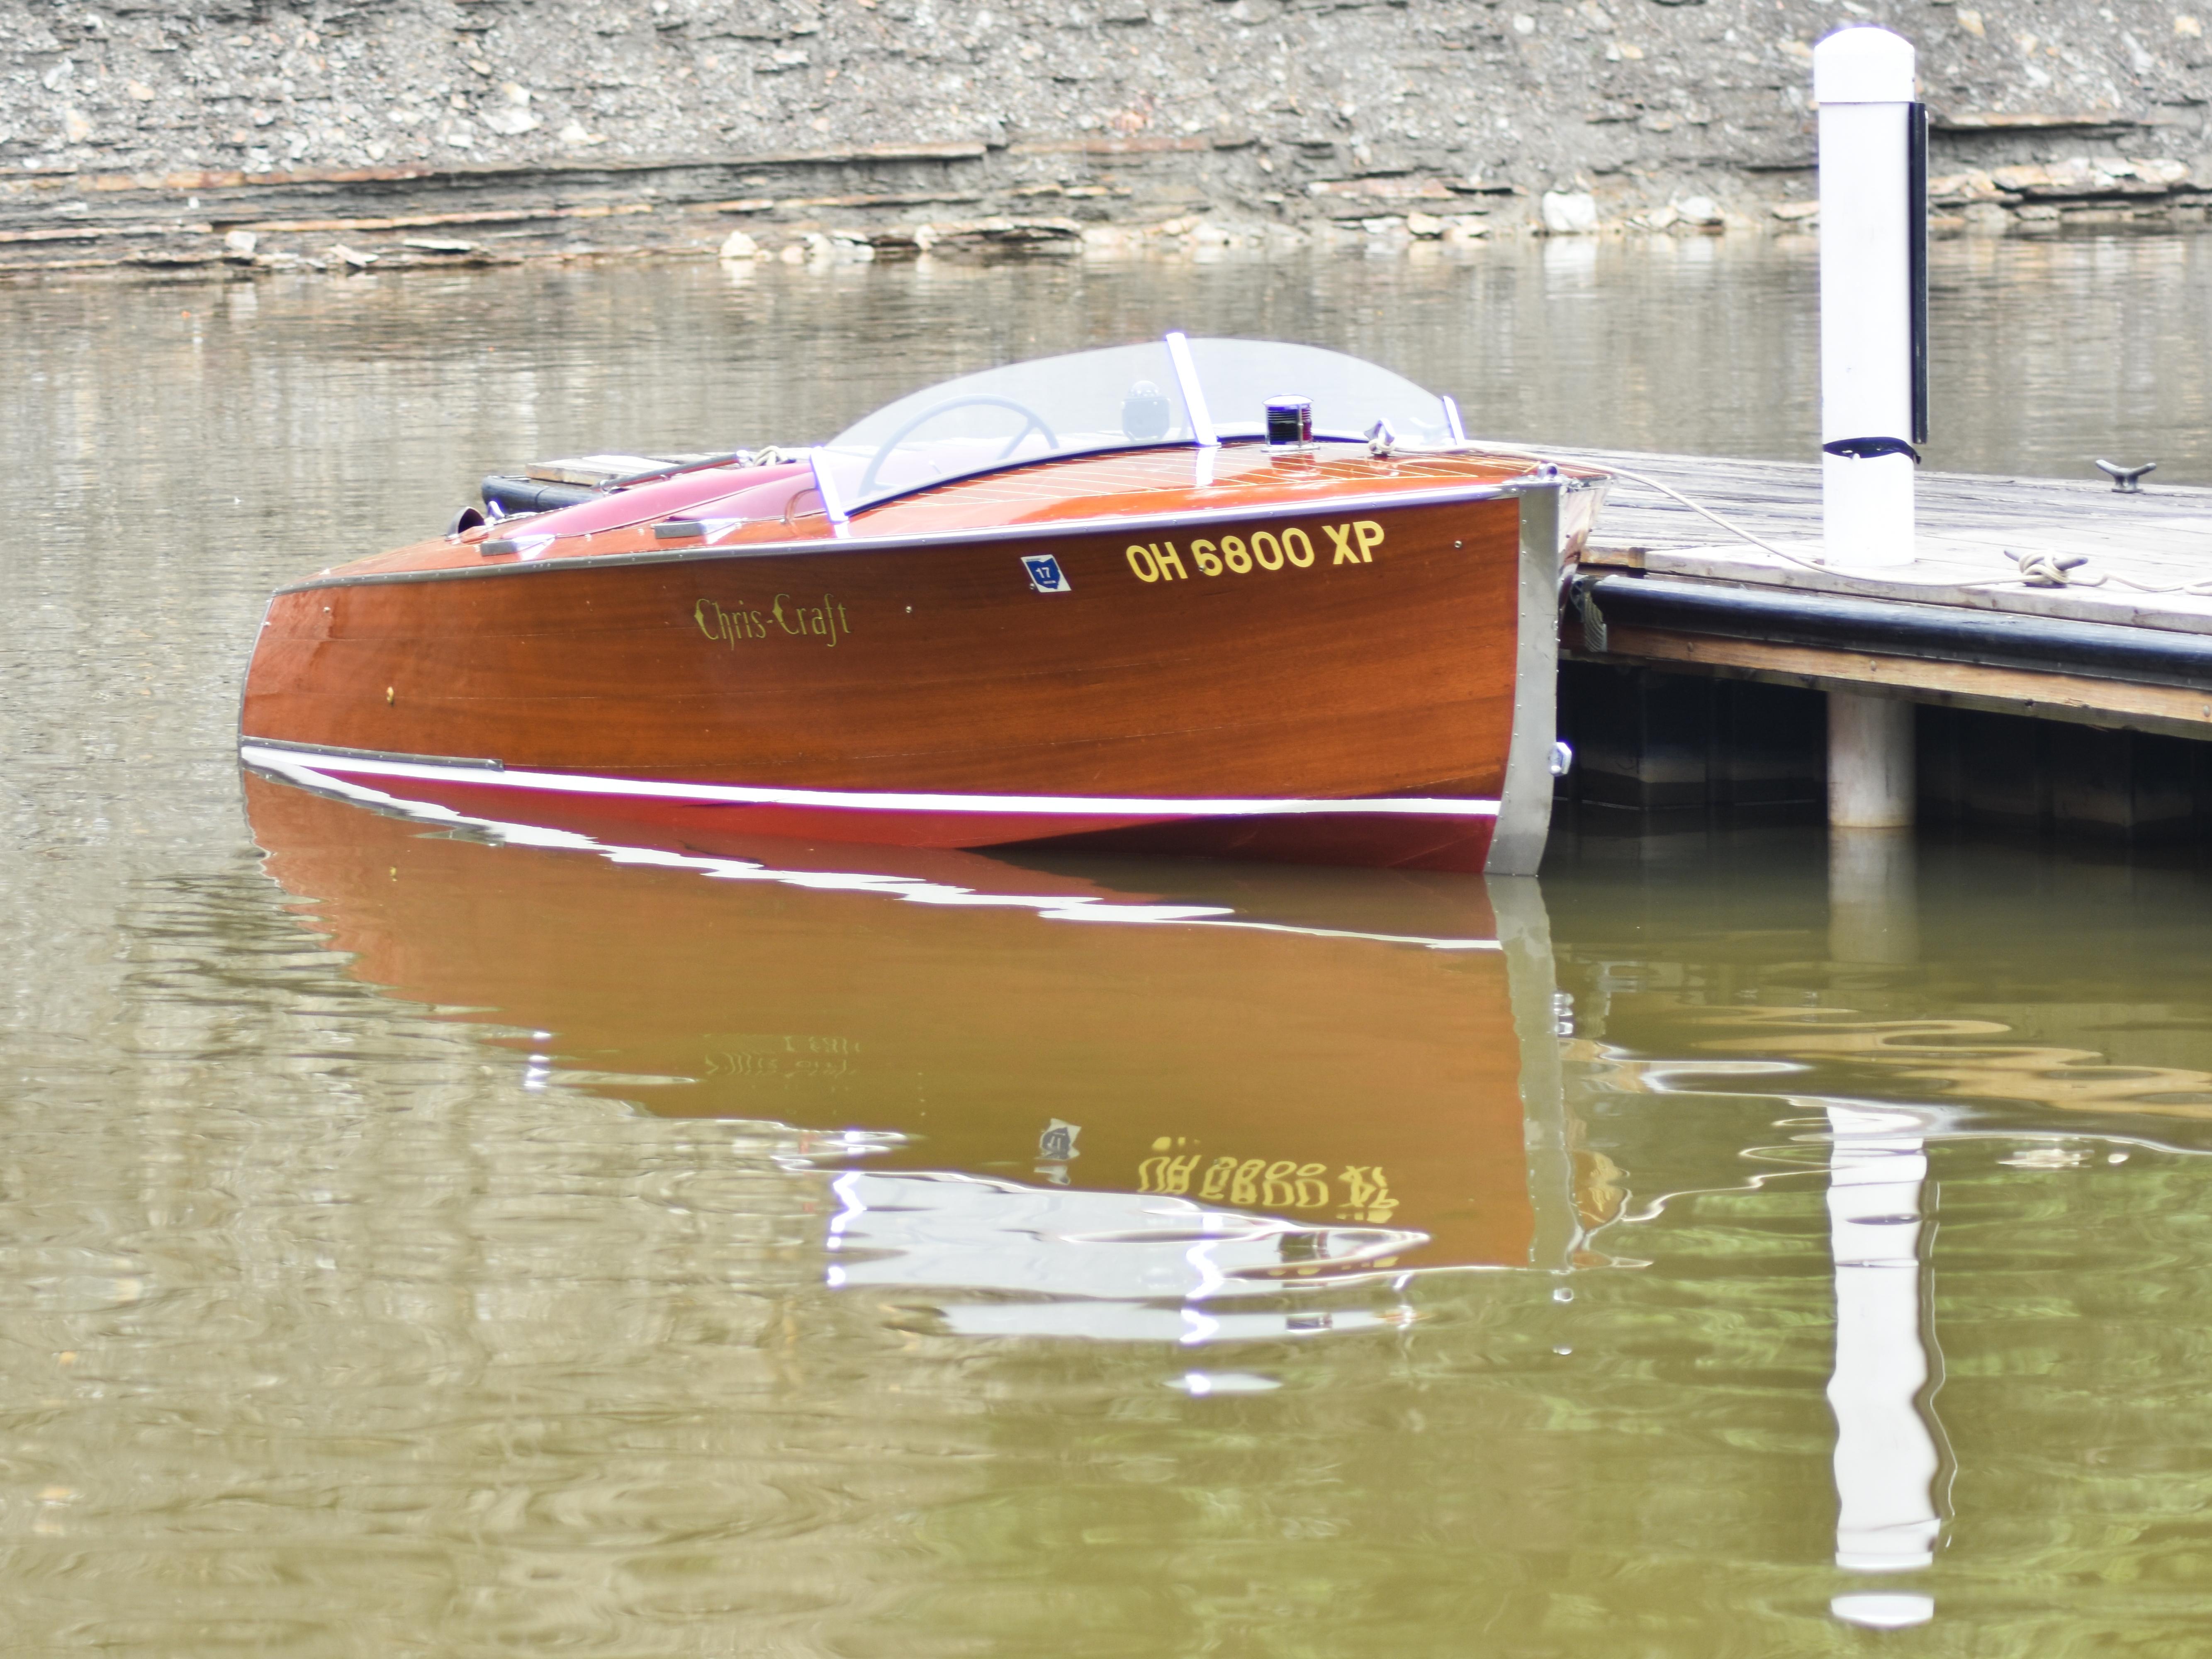 Chris Craft Boats Wikipedia